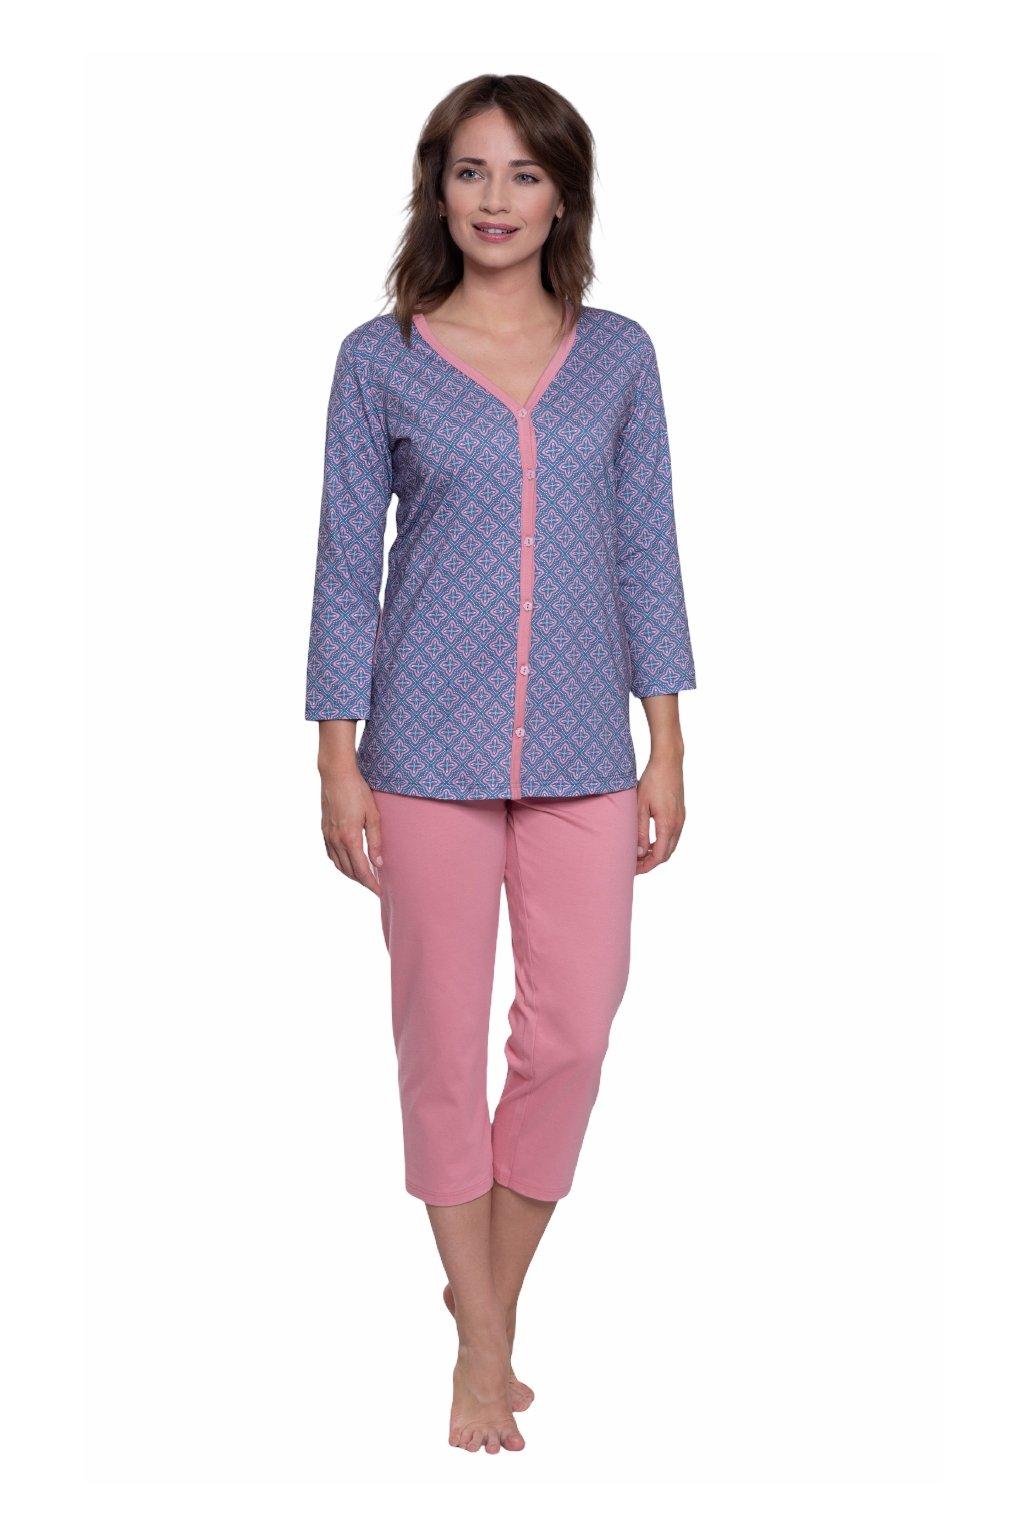 Dámské pyžamo s 3/4 rukávem, 104575 269, modrá